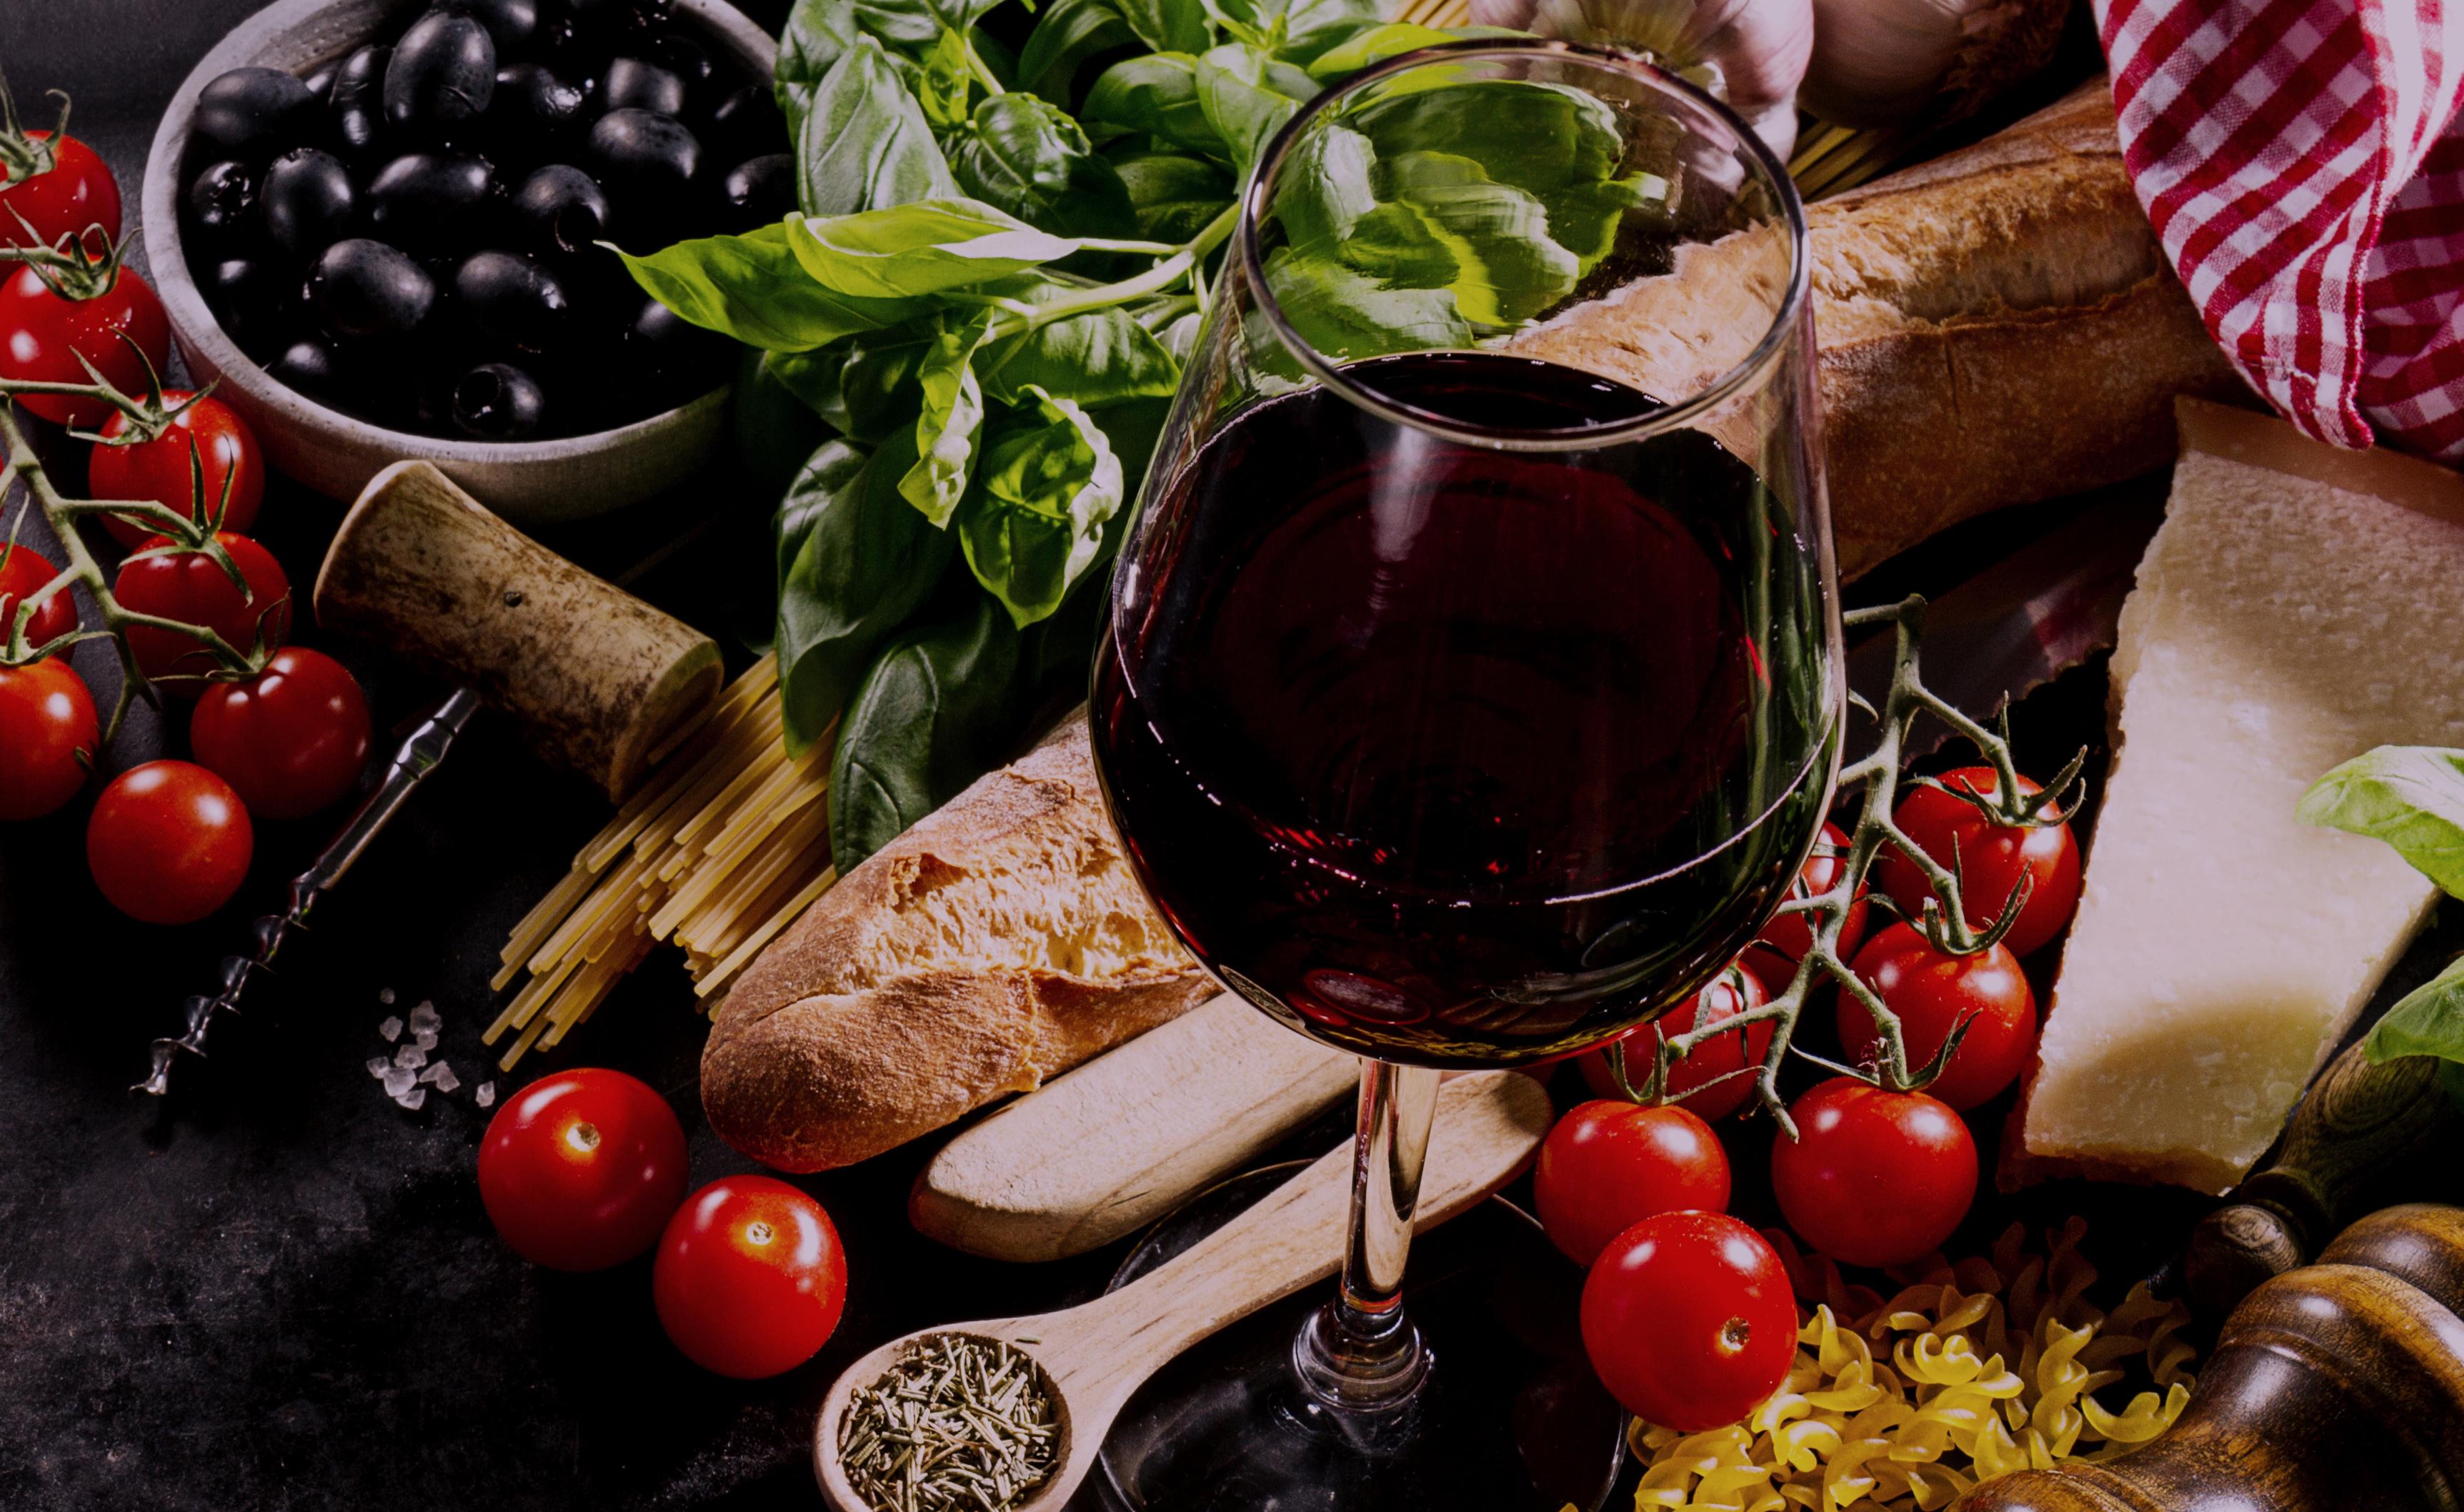 HAL Company - Camino del comprador de vinos